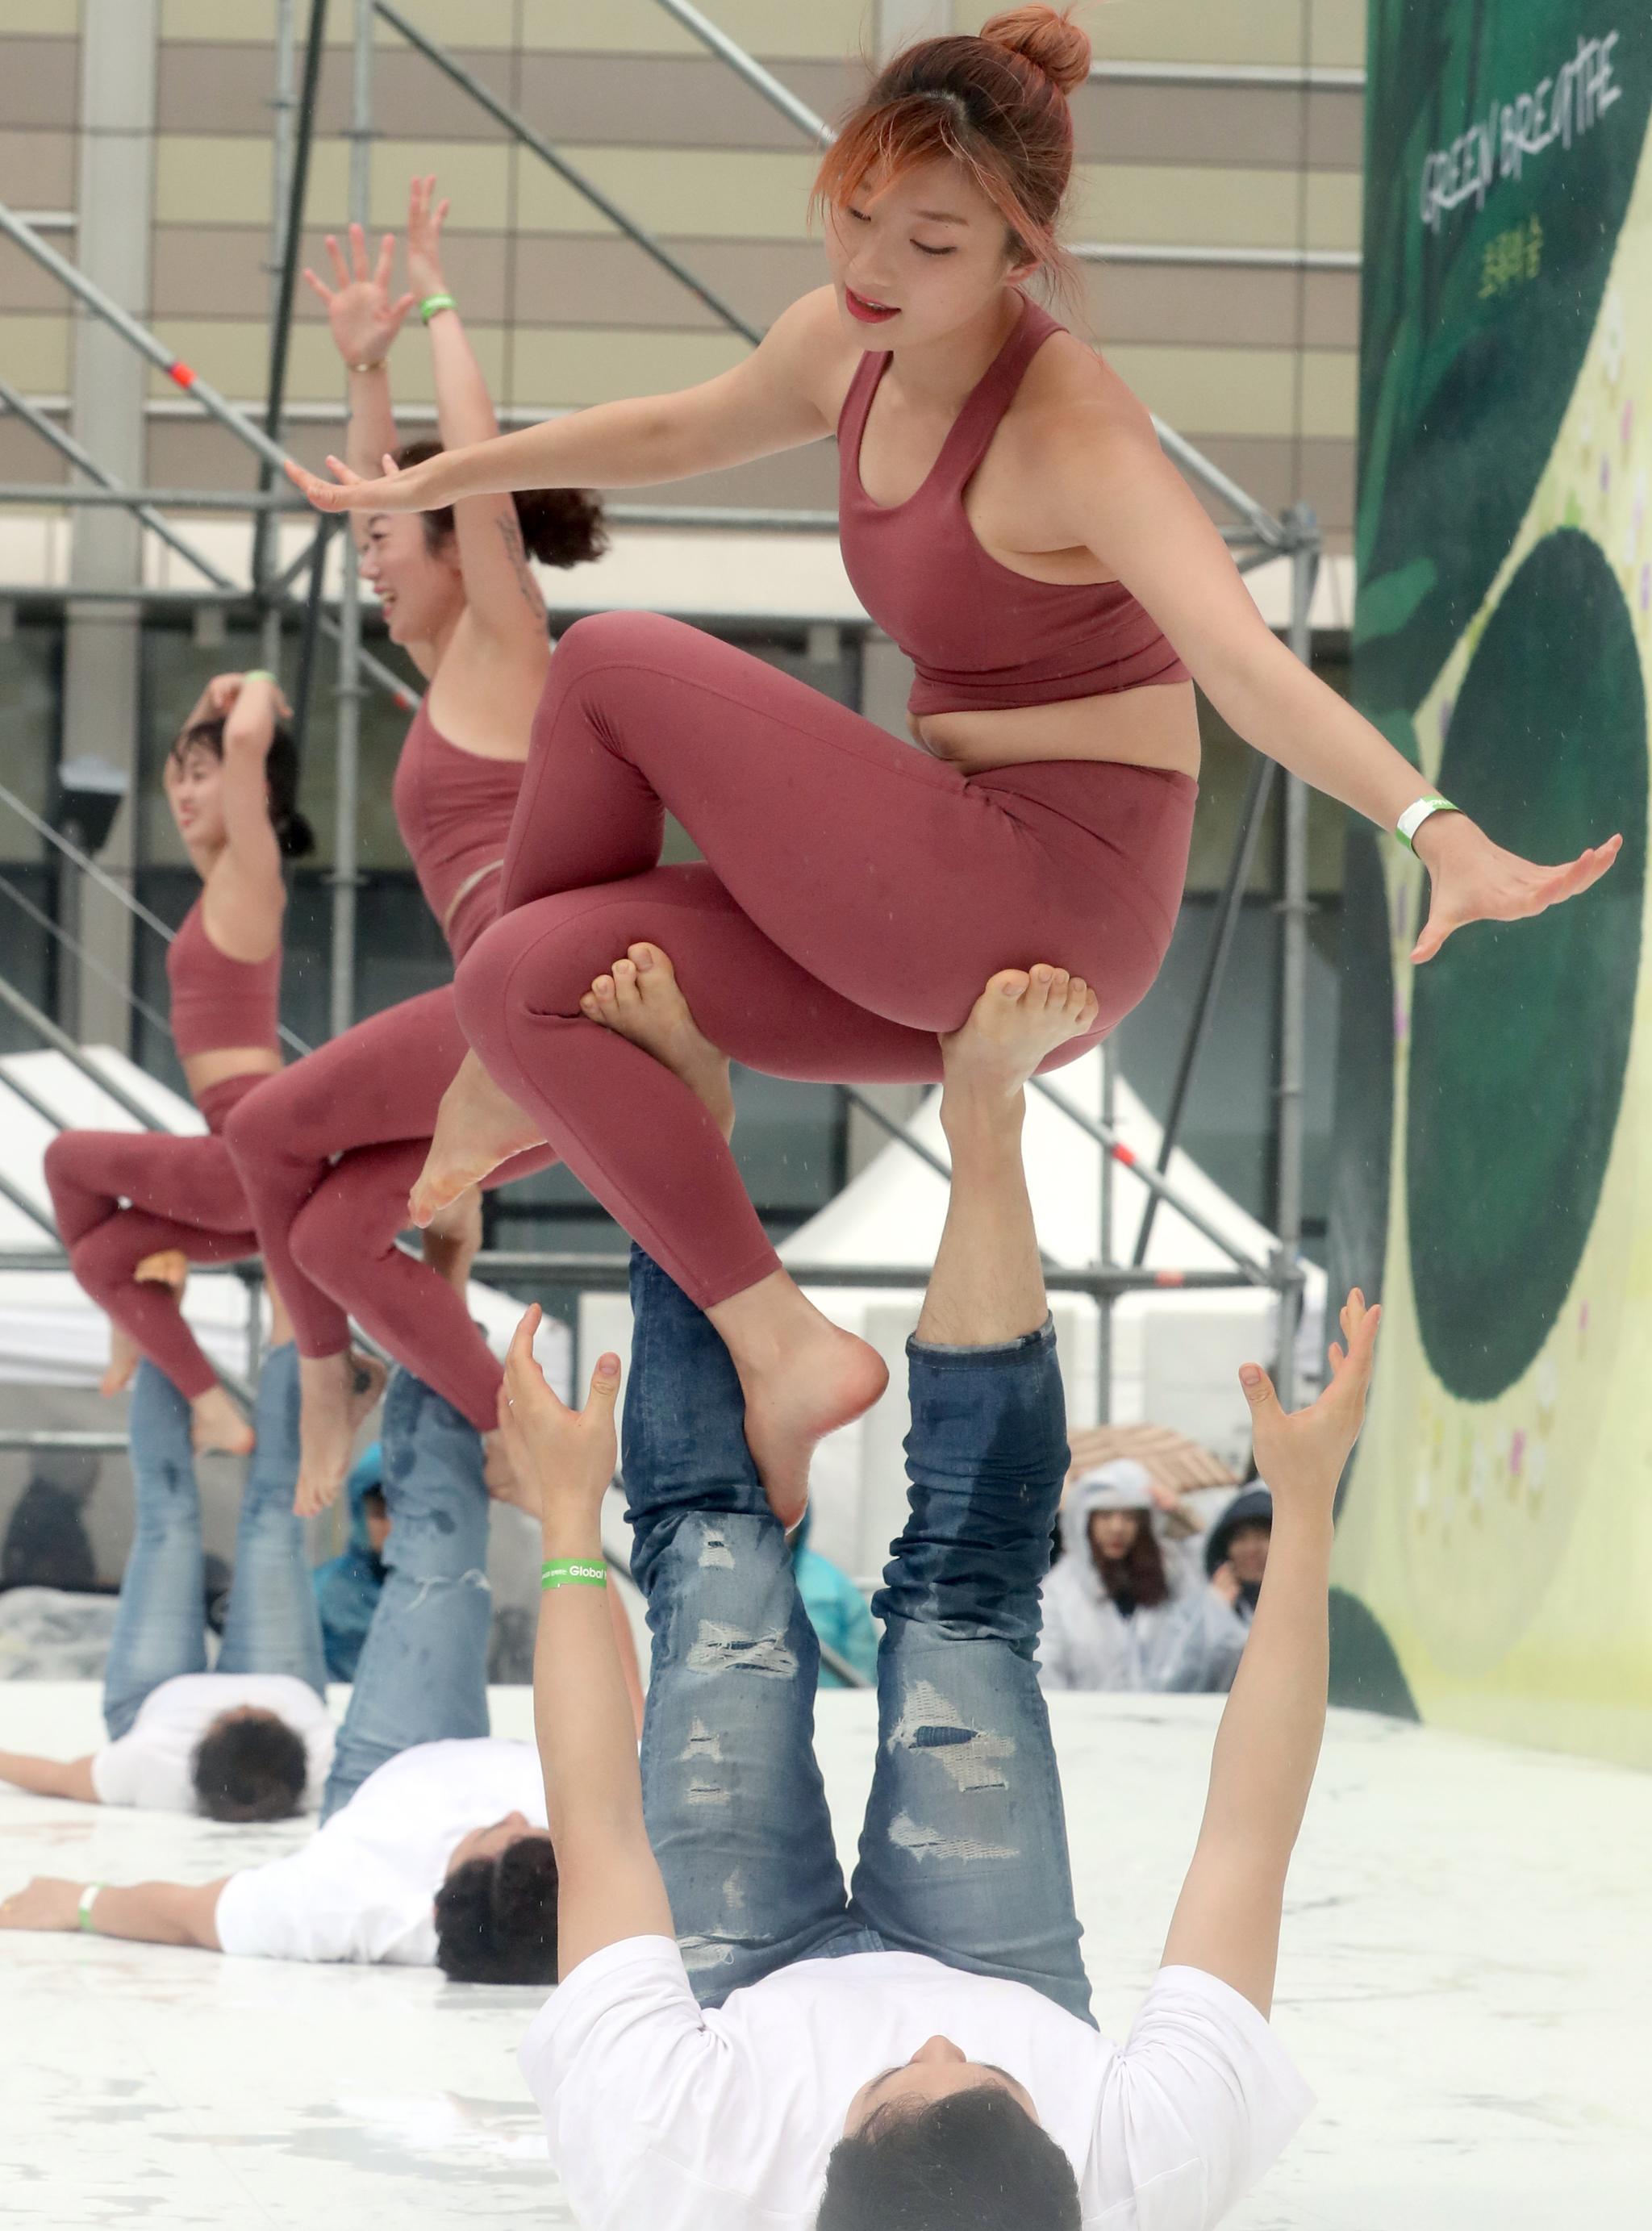 롯데백화점은 14일 창립 40주년을 기념해 전세계에서 가장 큰 요가행사인 '요가 말라 프로젝트'를 유통업계 최초로 개최했다. 이날 킴스요가&크로우아크로 팀이 사전 공연 요가를 하고 있다. 최정동 기자